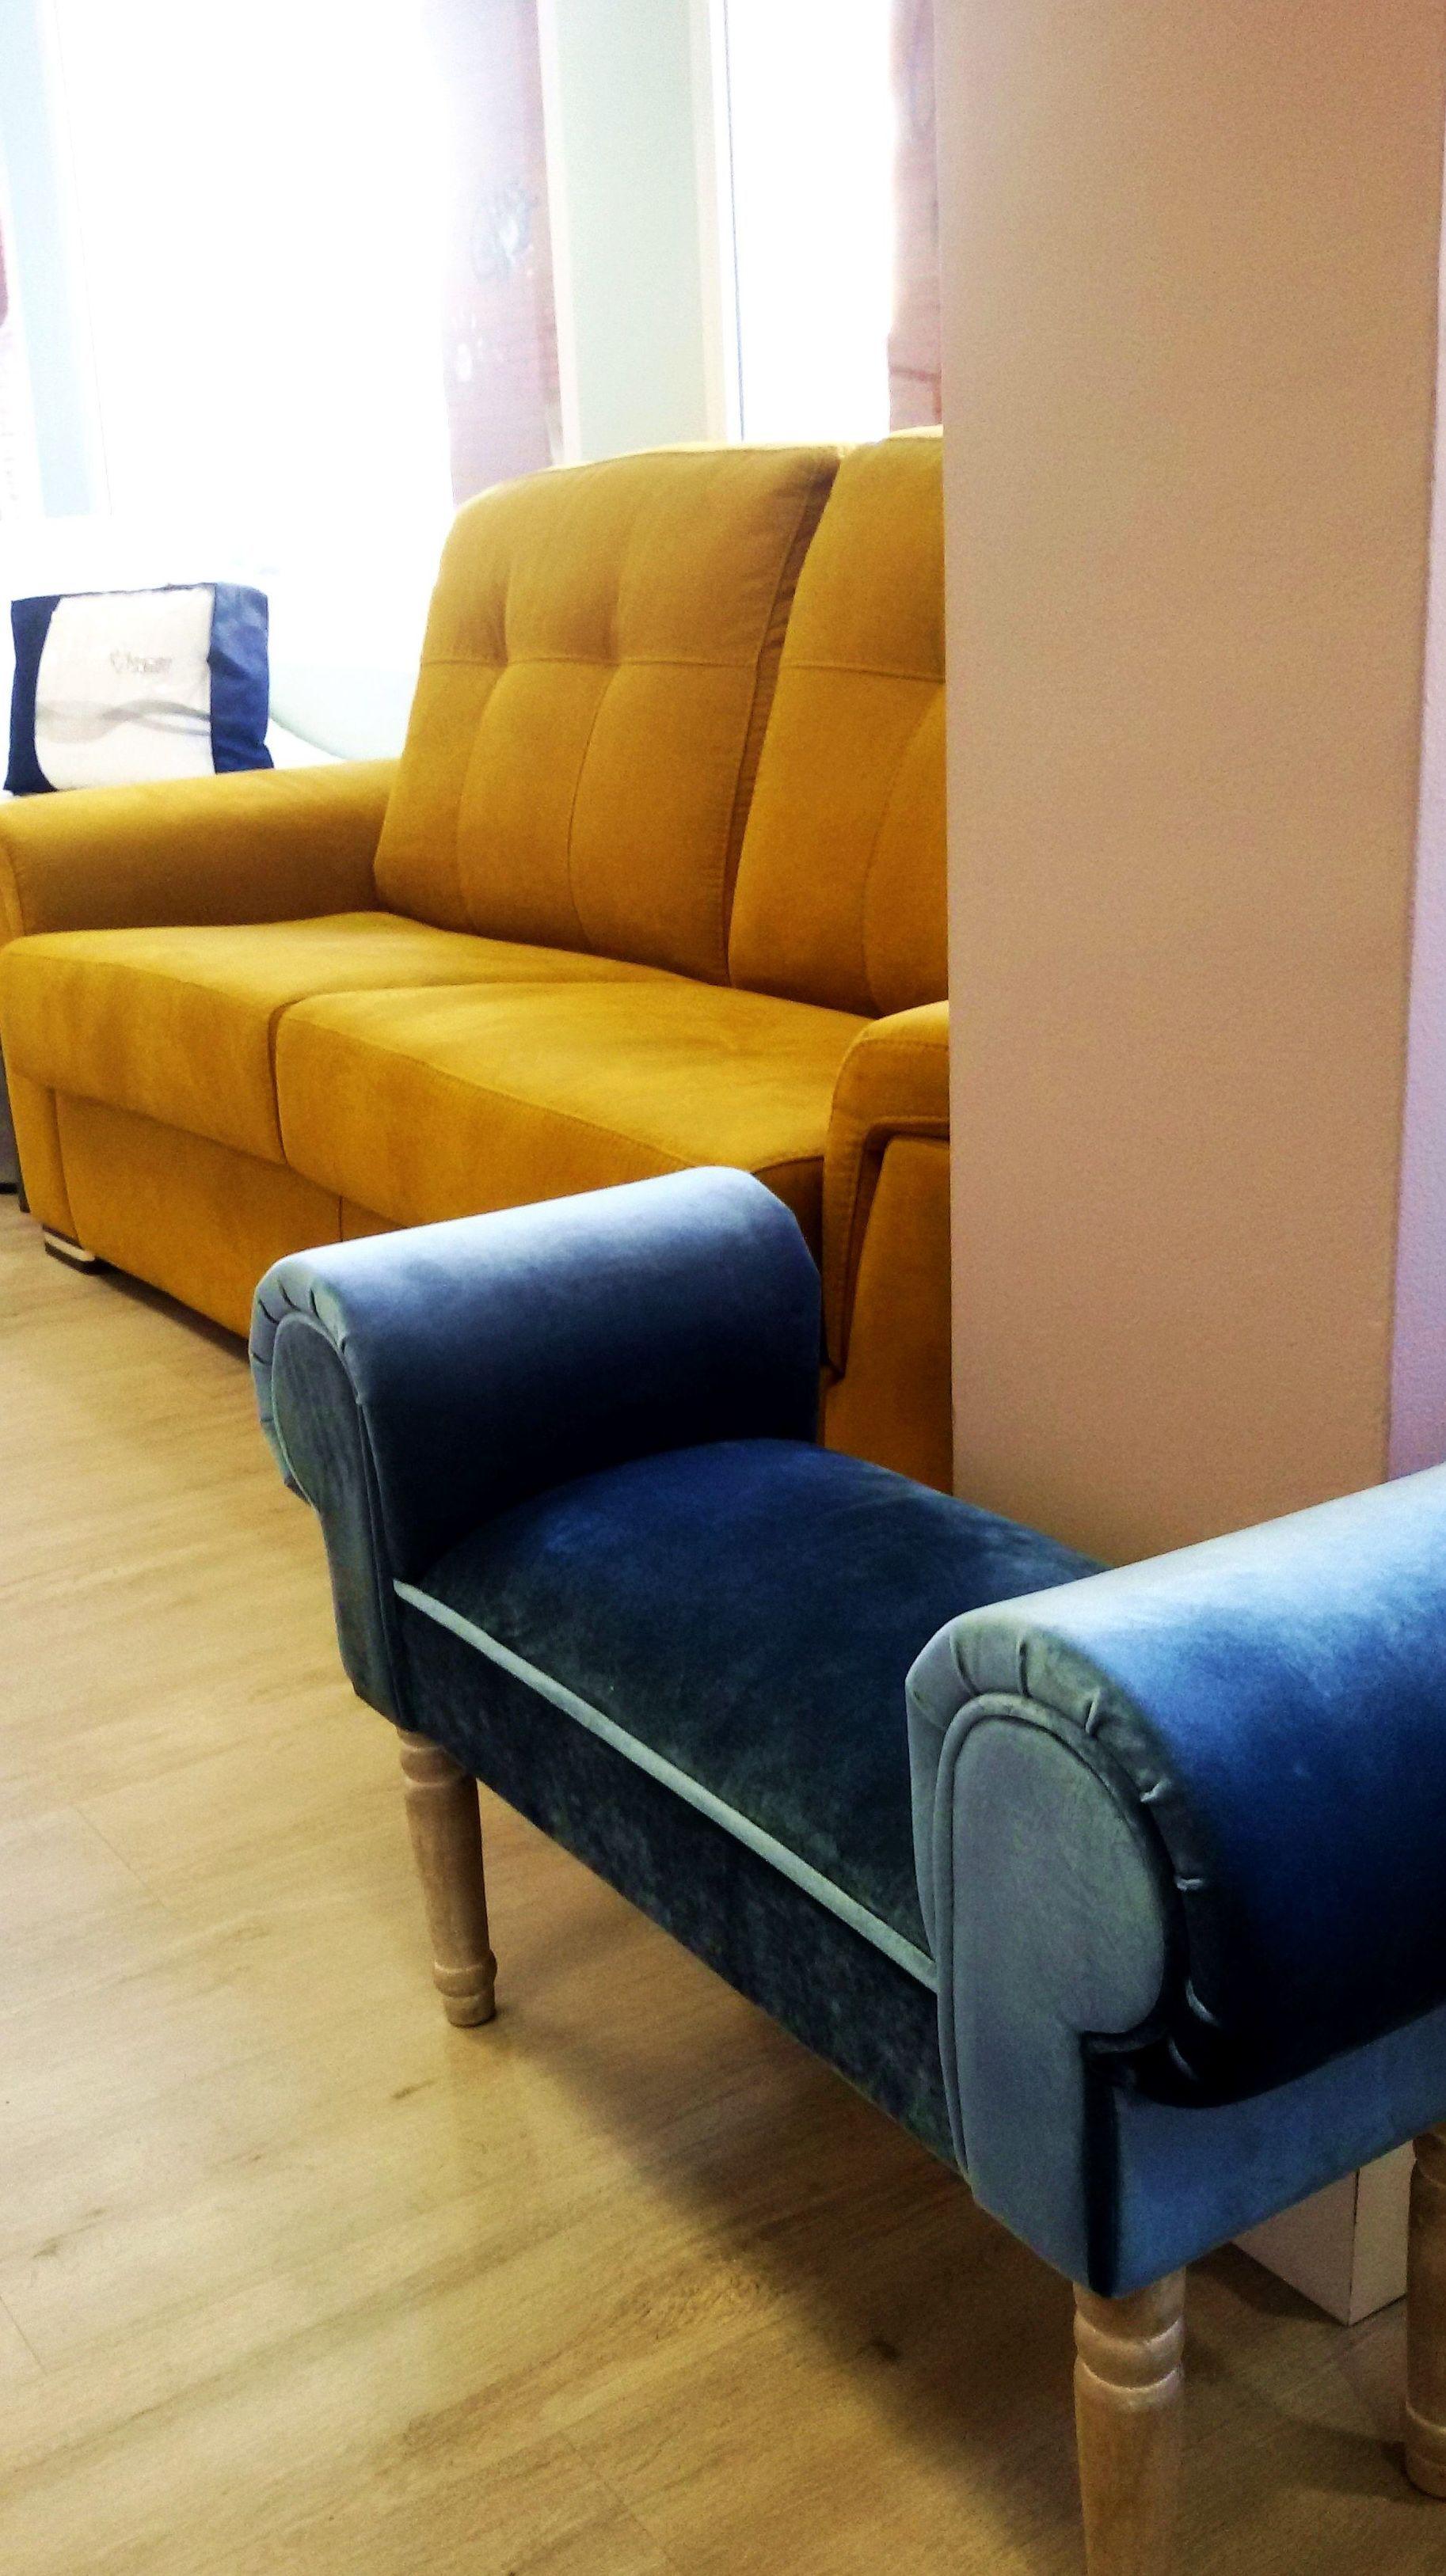 Tiendas de muebles economicos en madrid muebles oligom for Muebles muy baratos